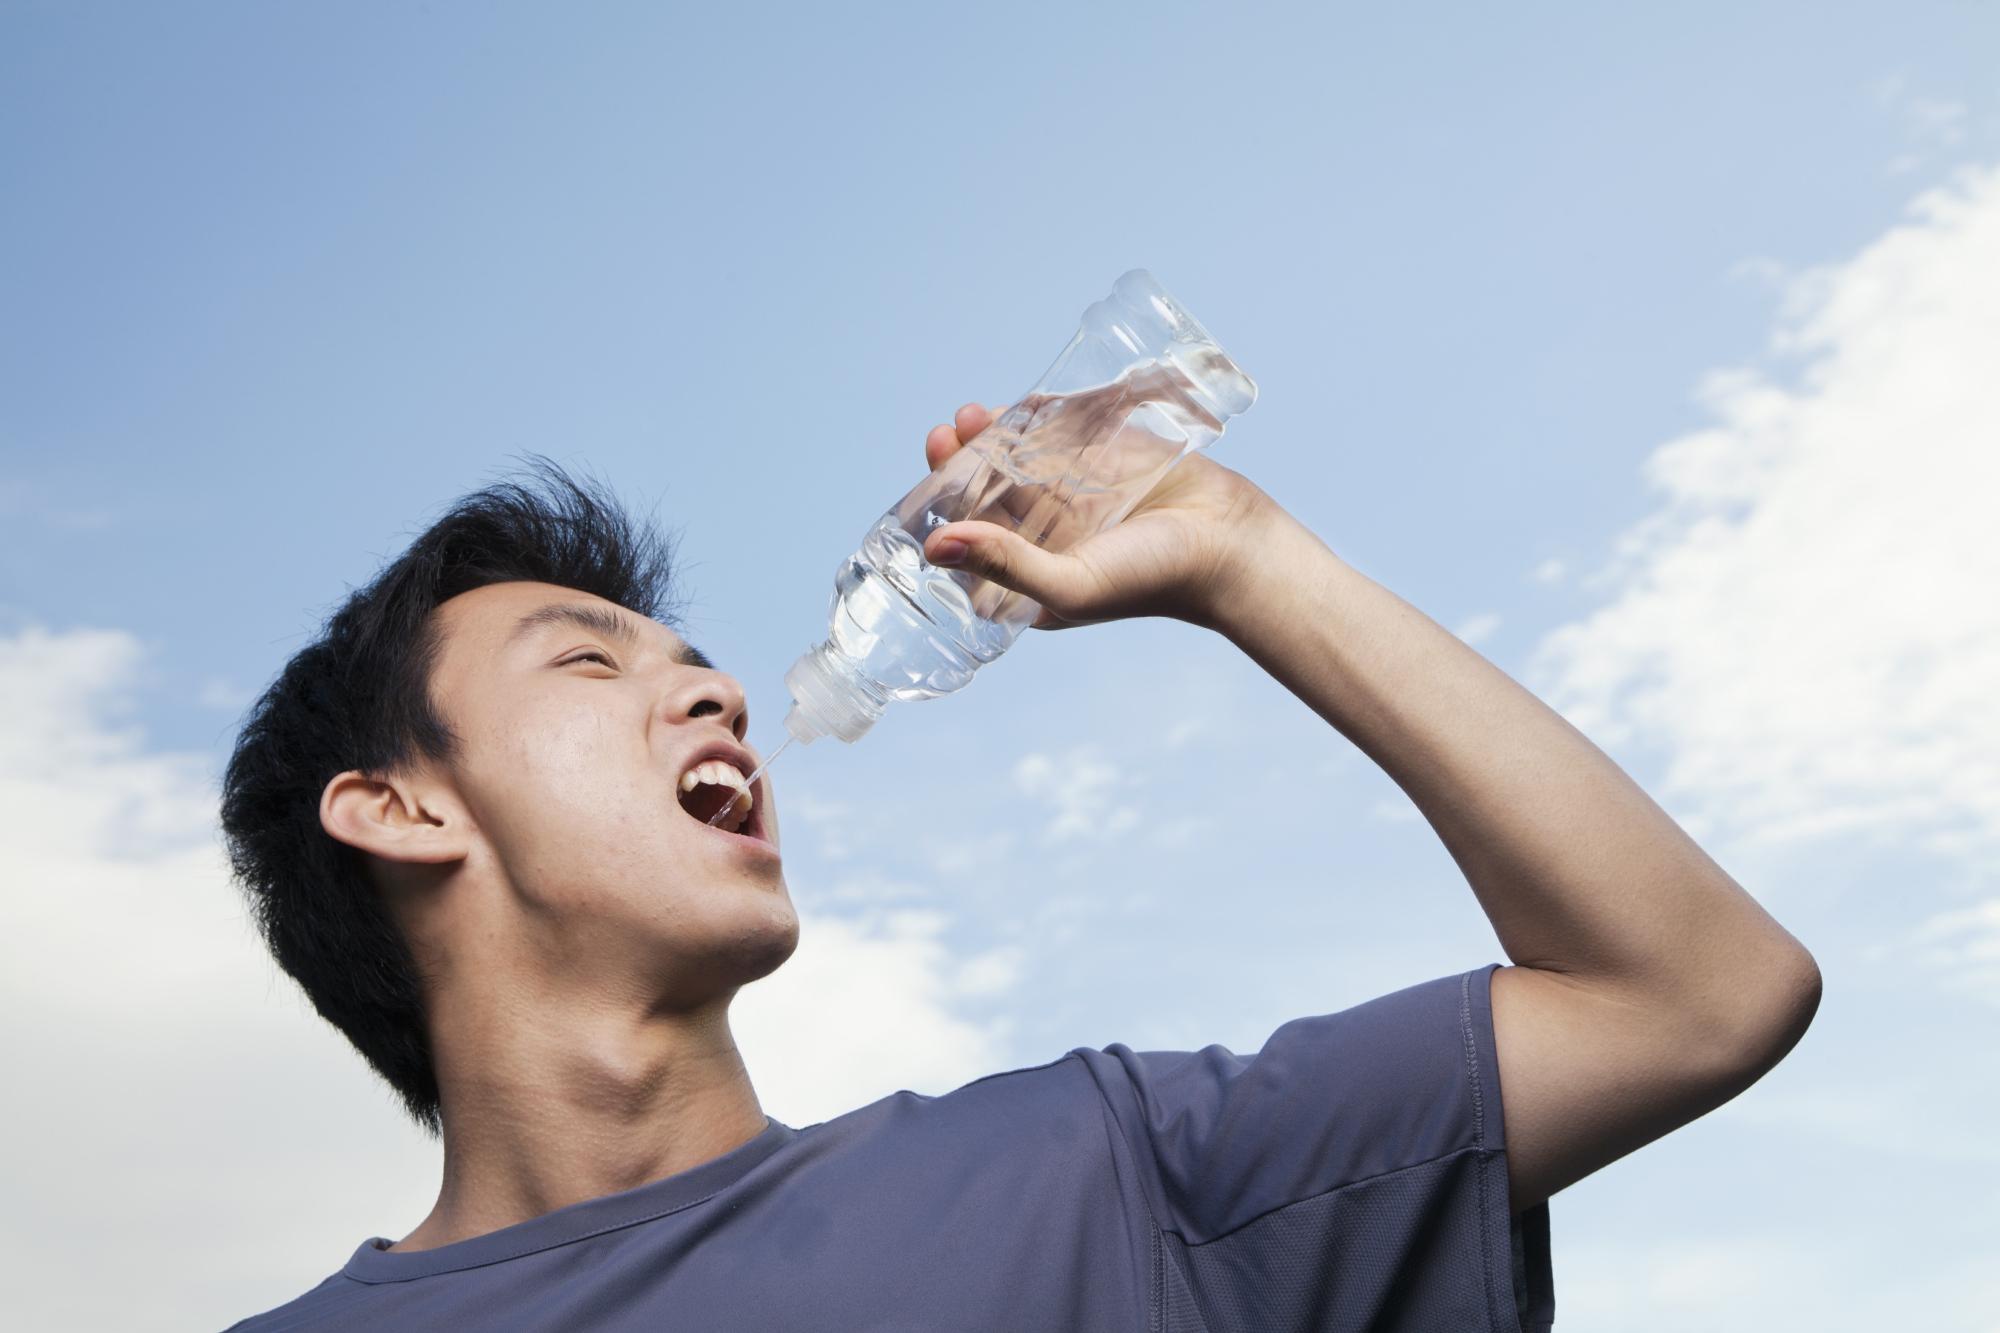 Sportsmand drikker vand